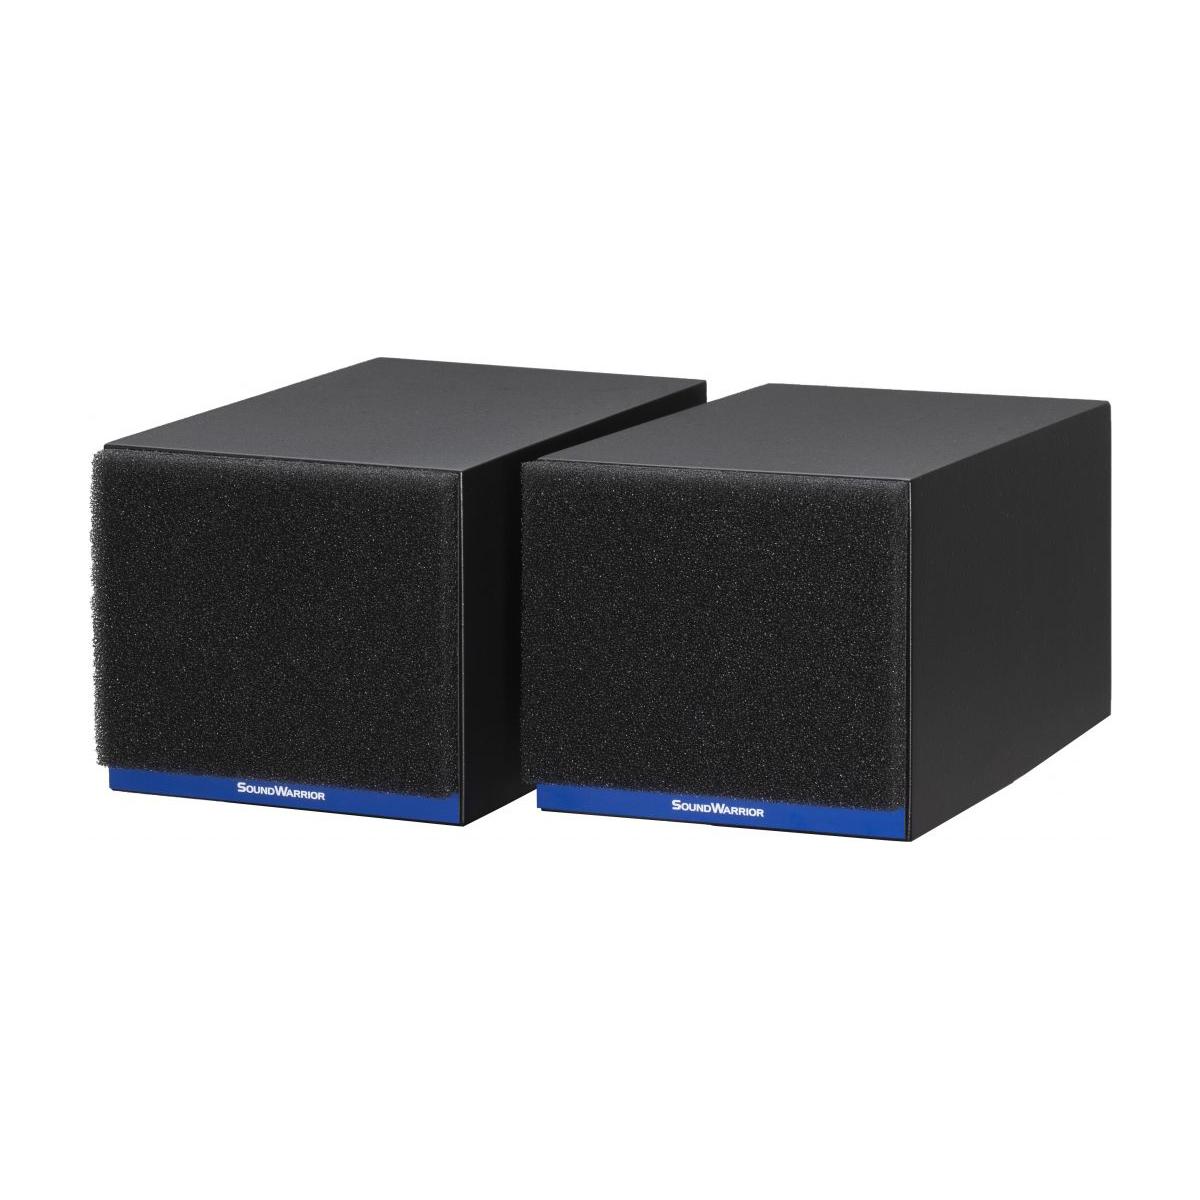 フルレンジ バスレフ型 スピーカー SWL-SA1 | 高音質 広帯域 良質 低音 ウーファー コンパクト オーディオ SOUND WARRIOR サウンドウォーリア 日本製 プレゼント お祝い 新生活 品物 ギフト おすすめ